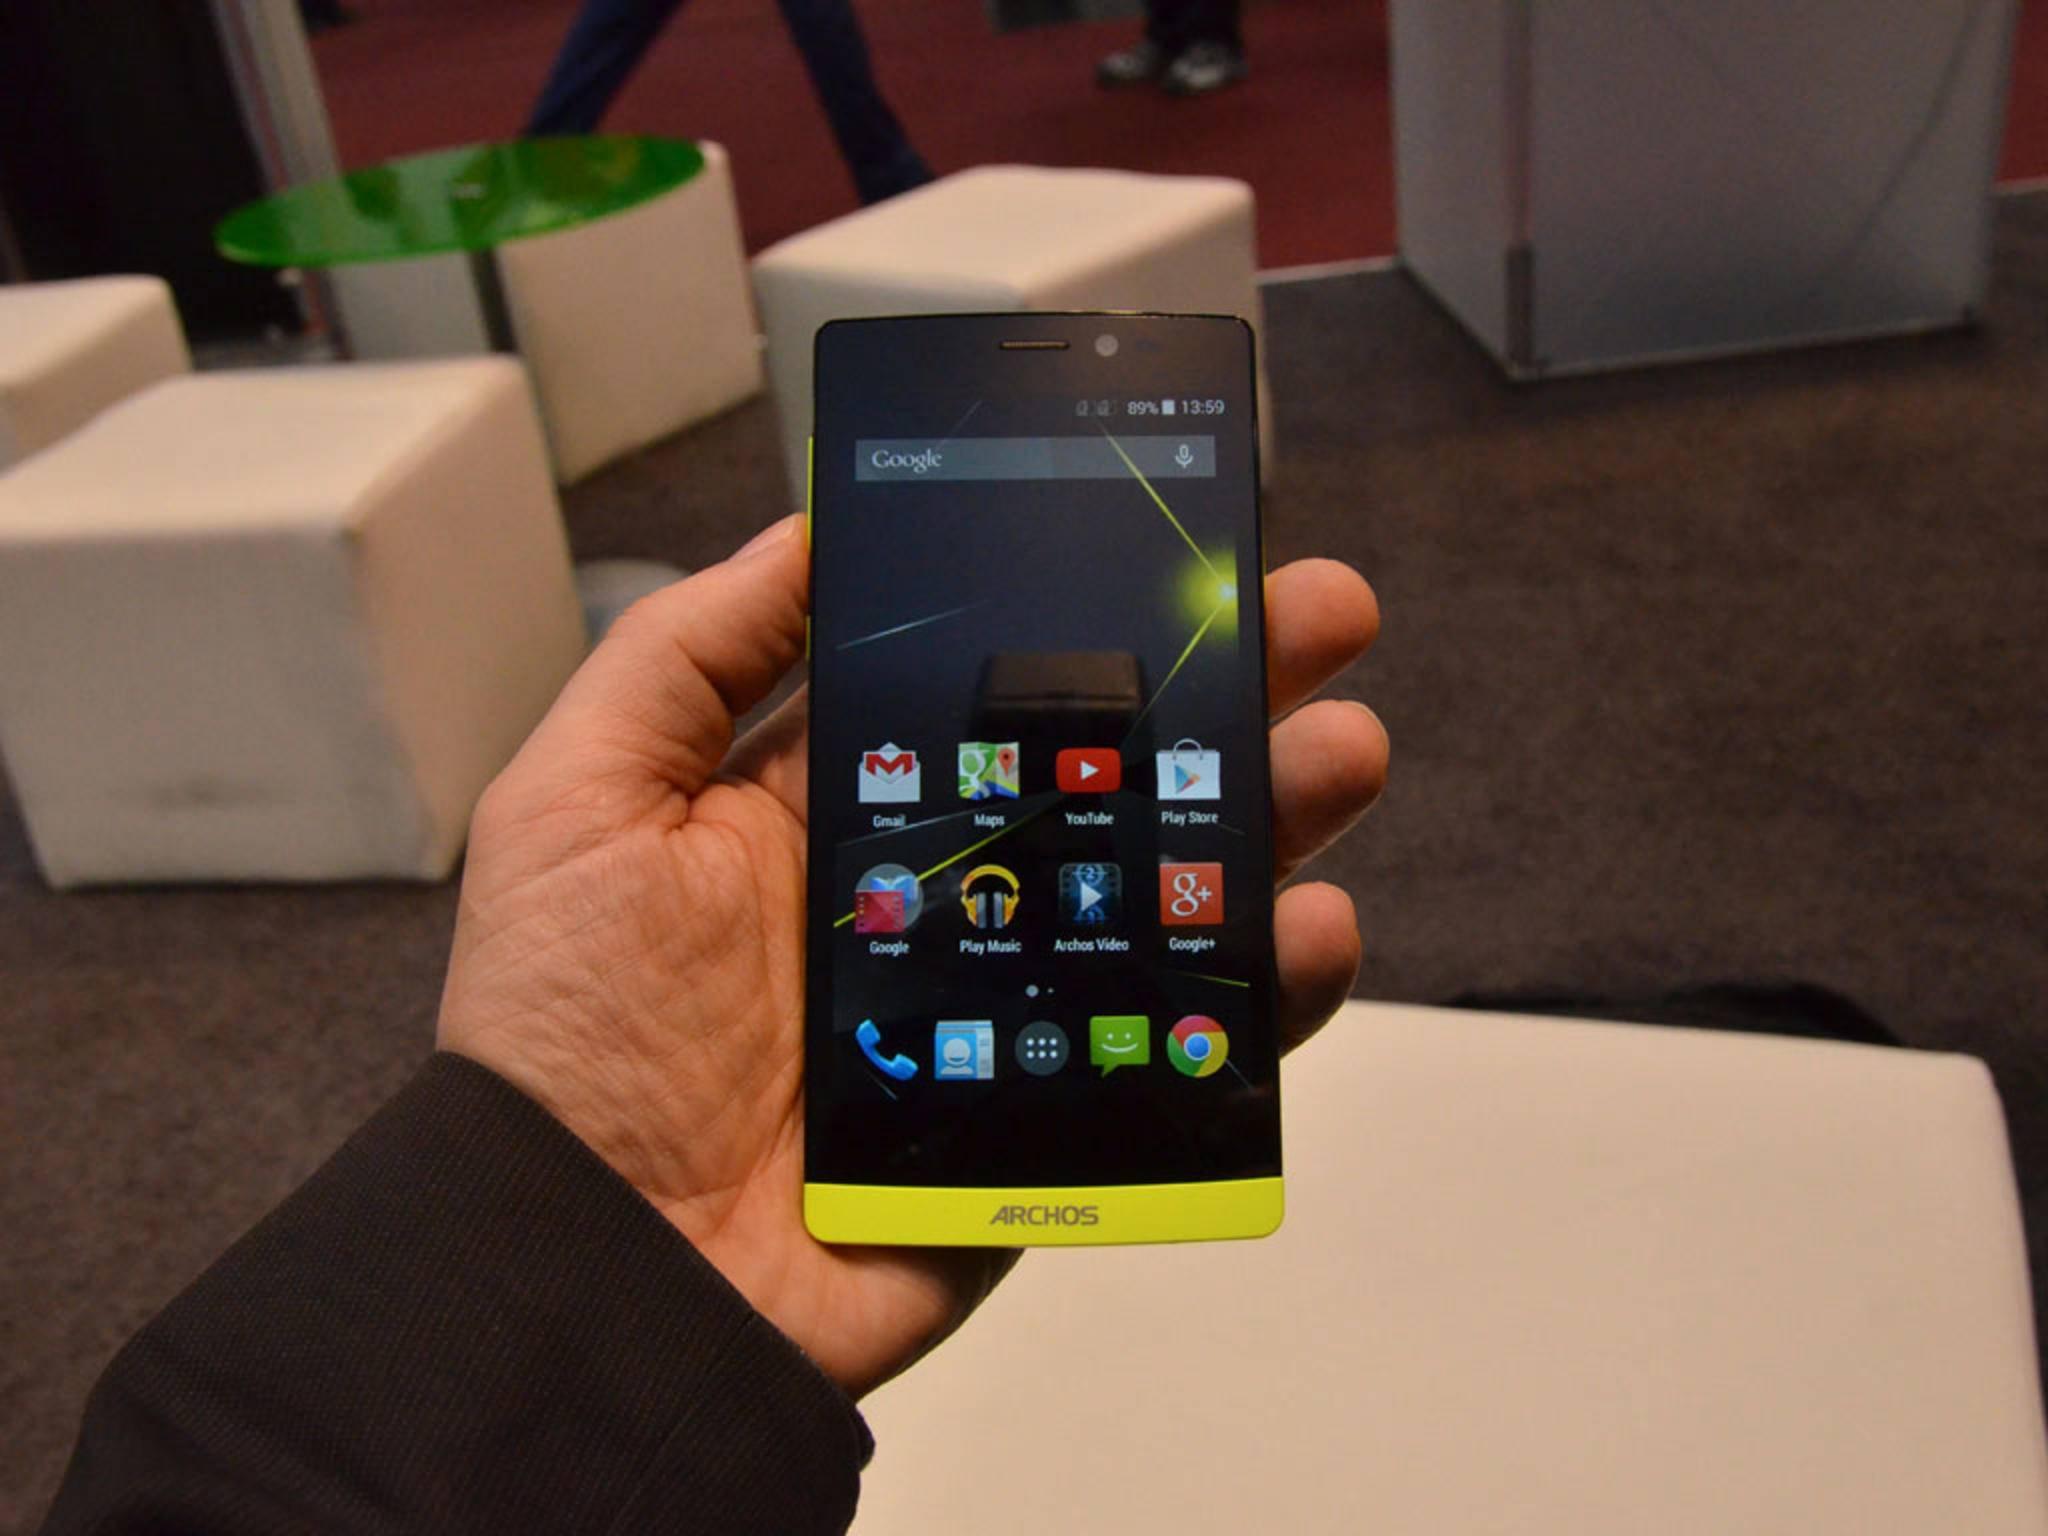 Das Archos-Smartphone liegt gut in der Hand, das Displaywirkt vielleicht etwas dunkel.